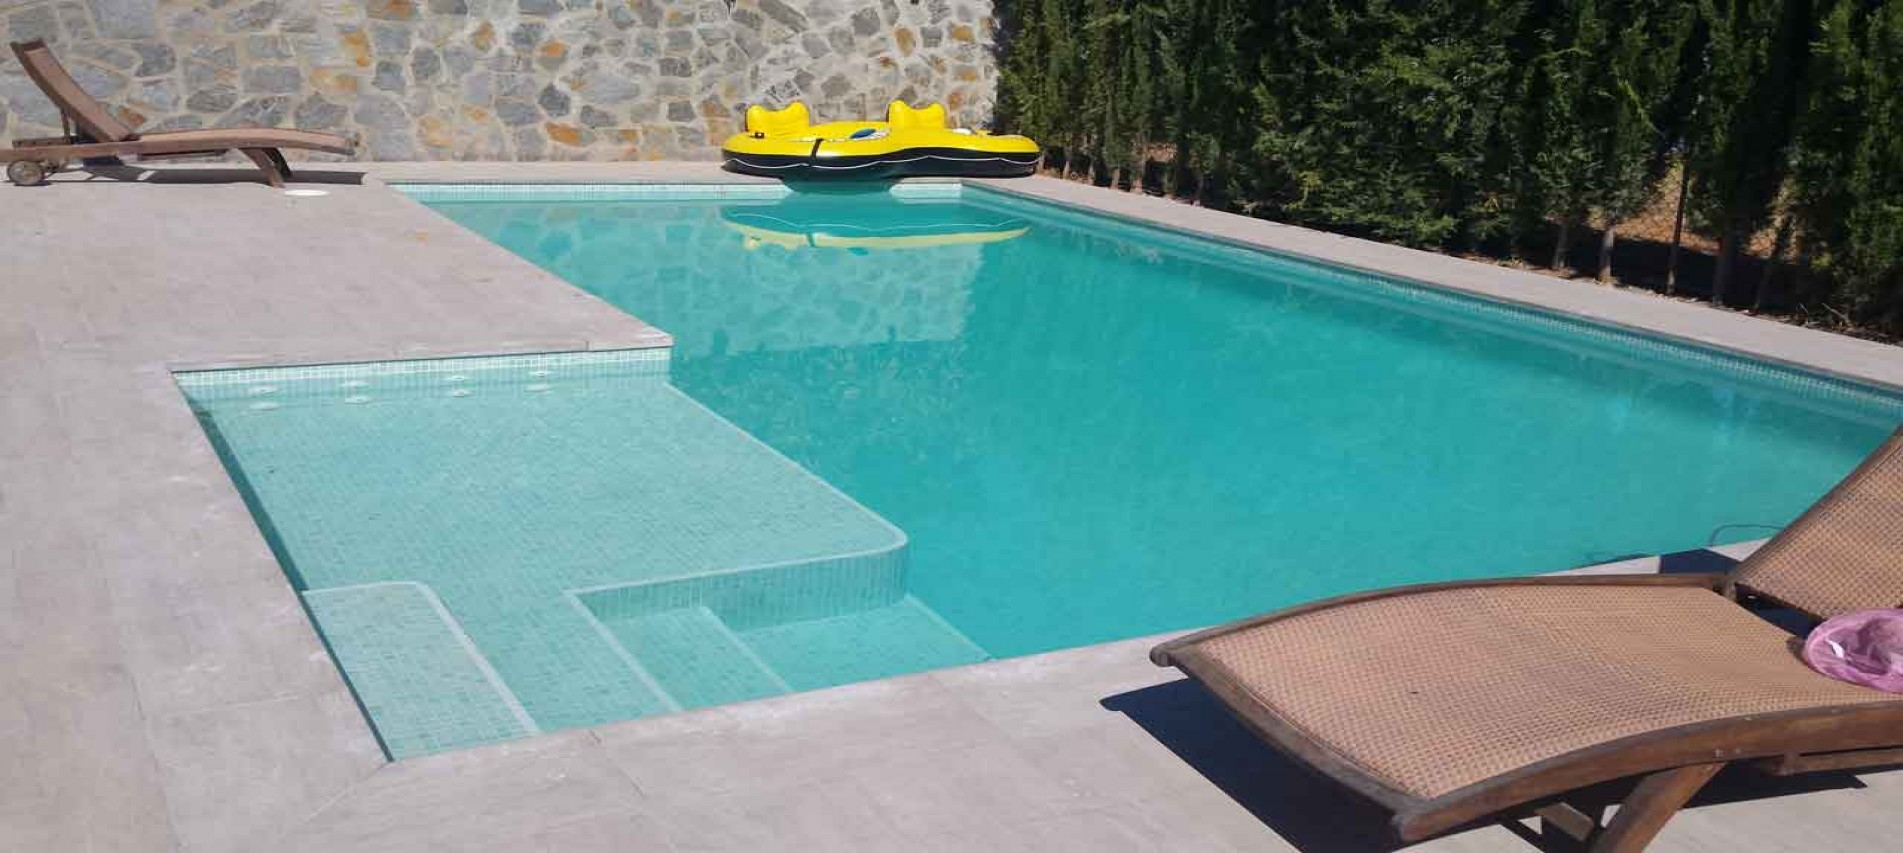 Agua para piscinas en mallorca for Piscinas mallorca